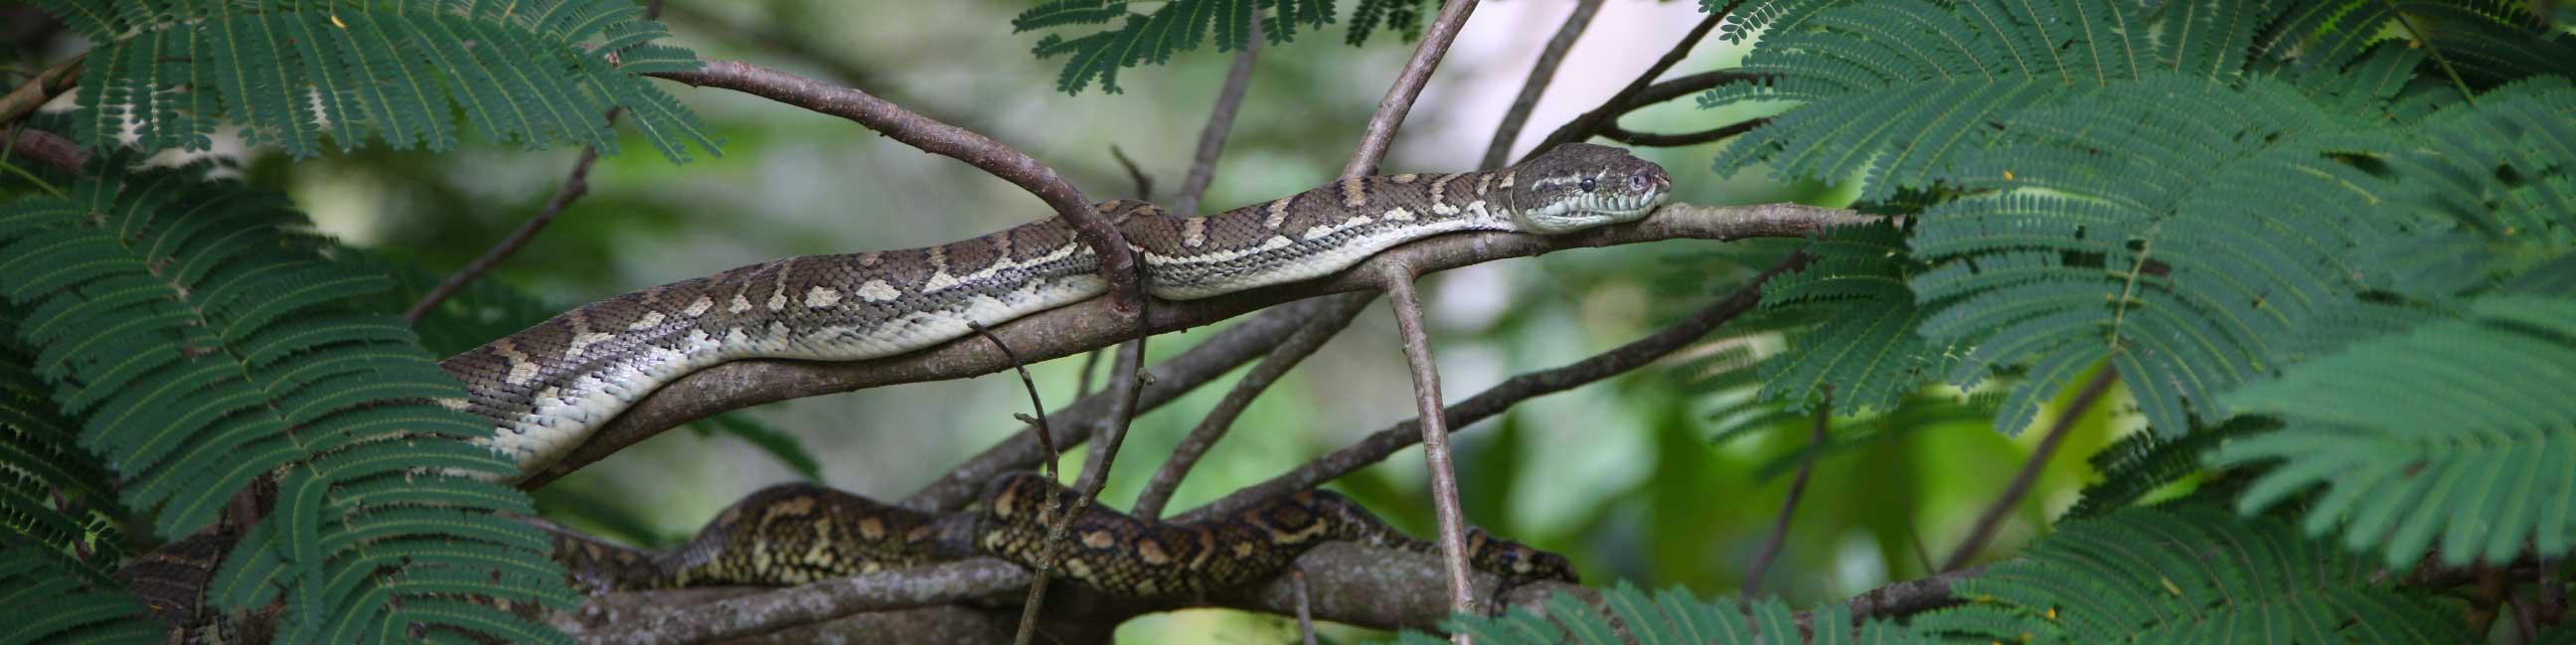 Brisbane Valley snake catcher